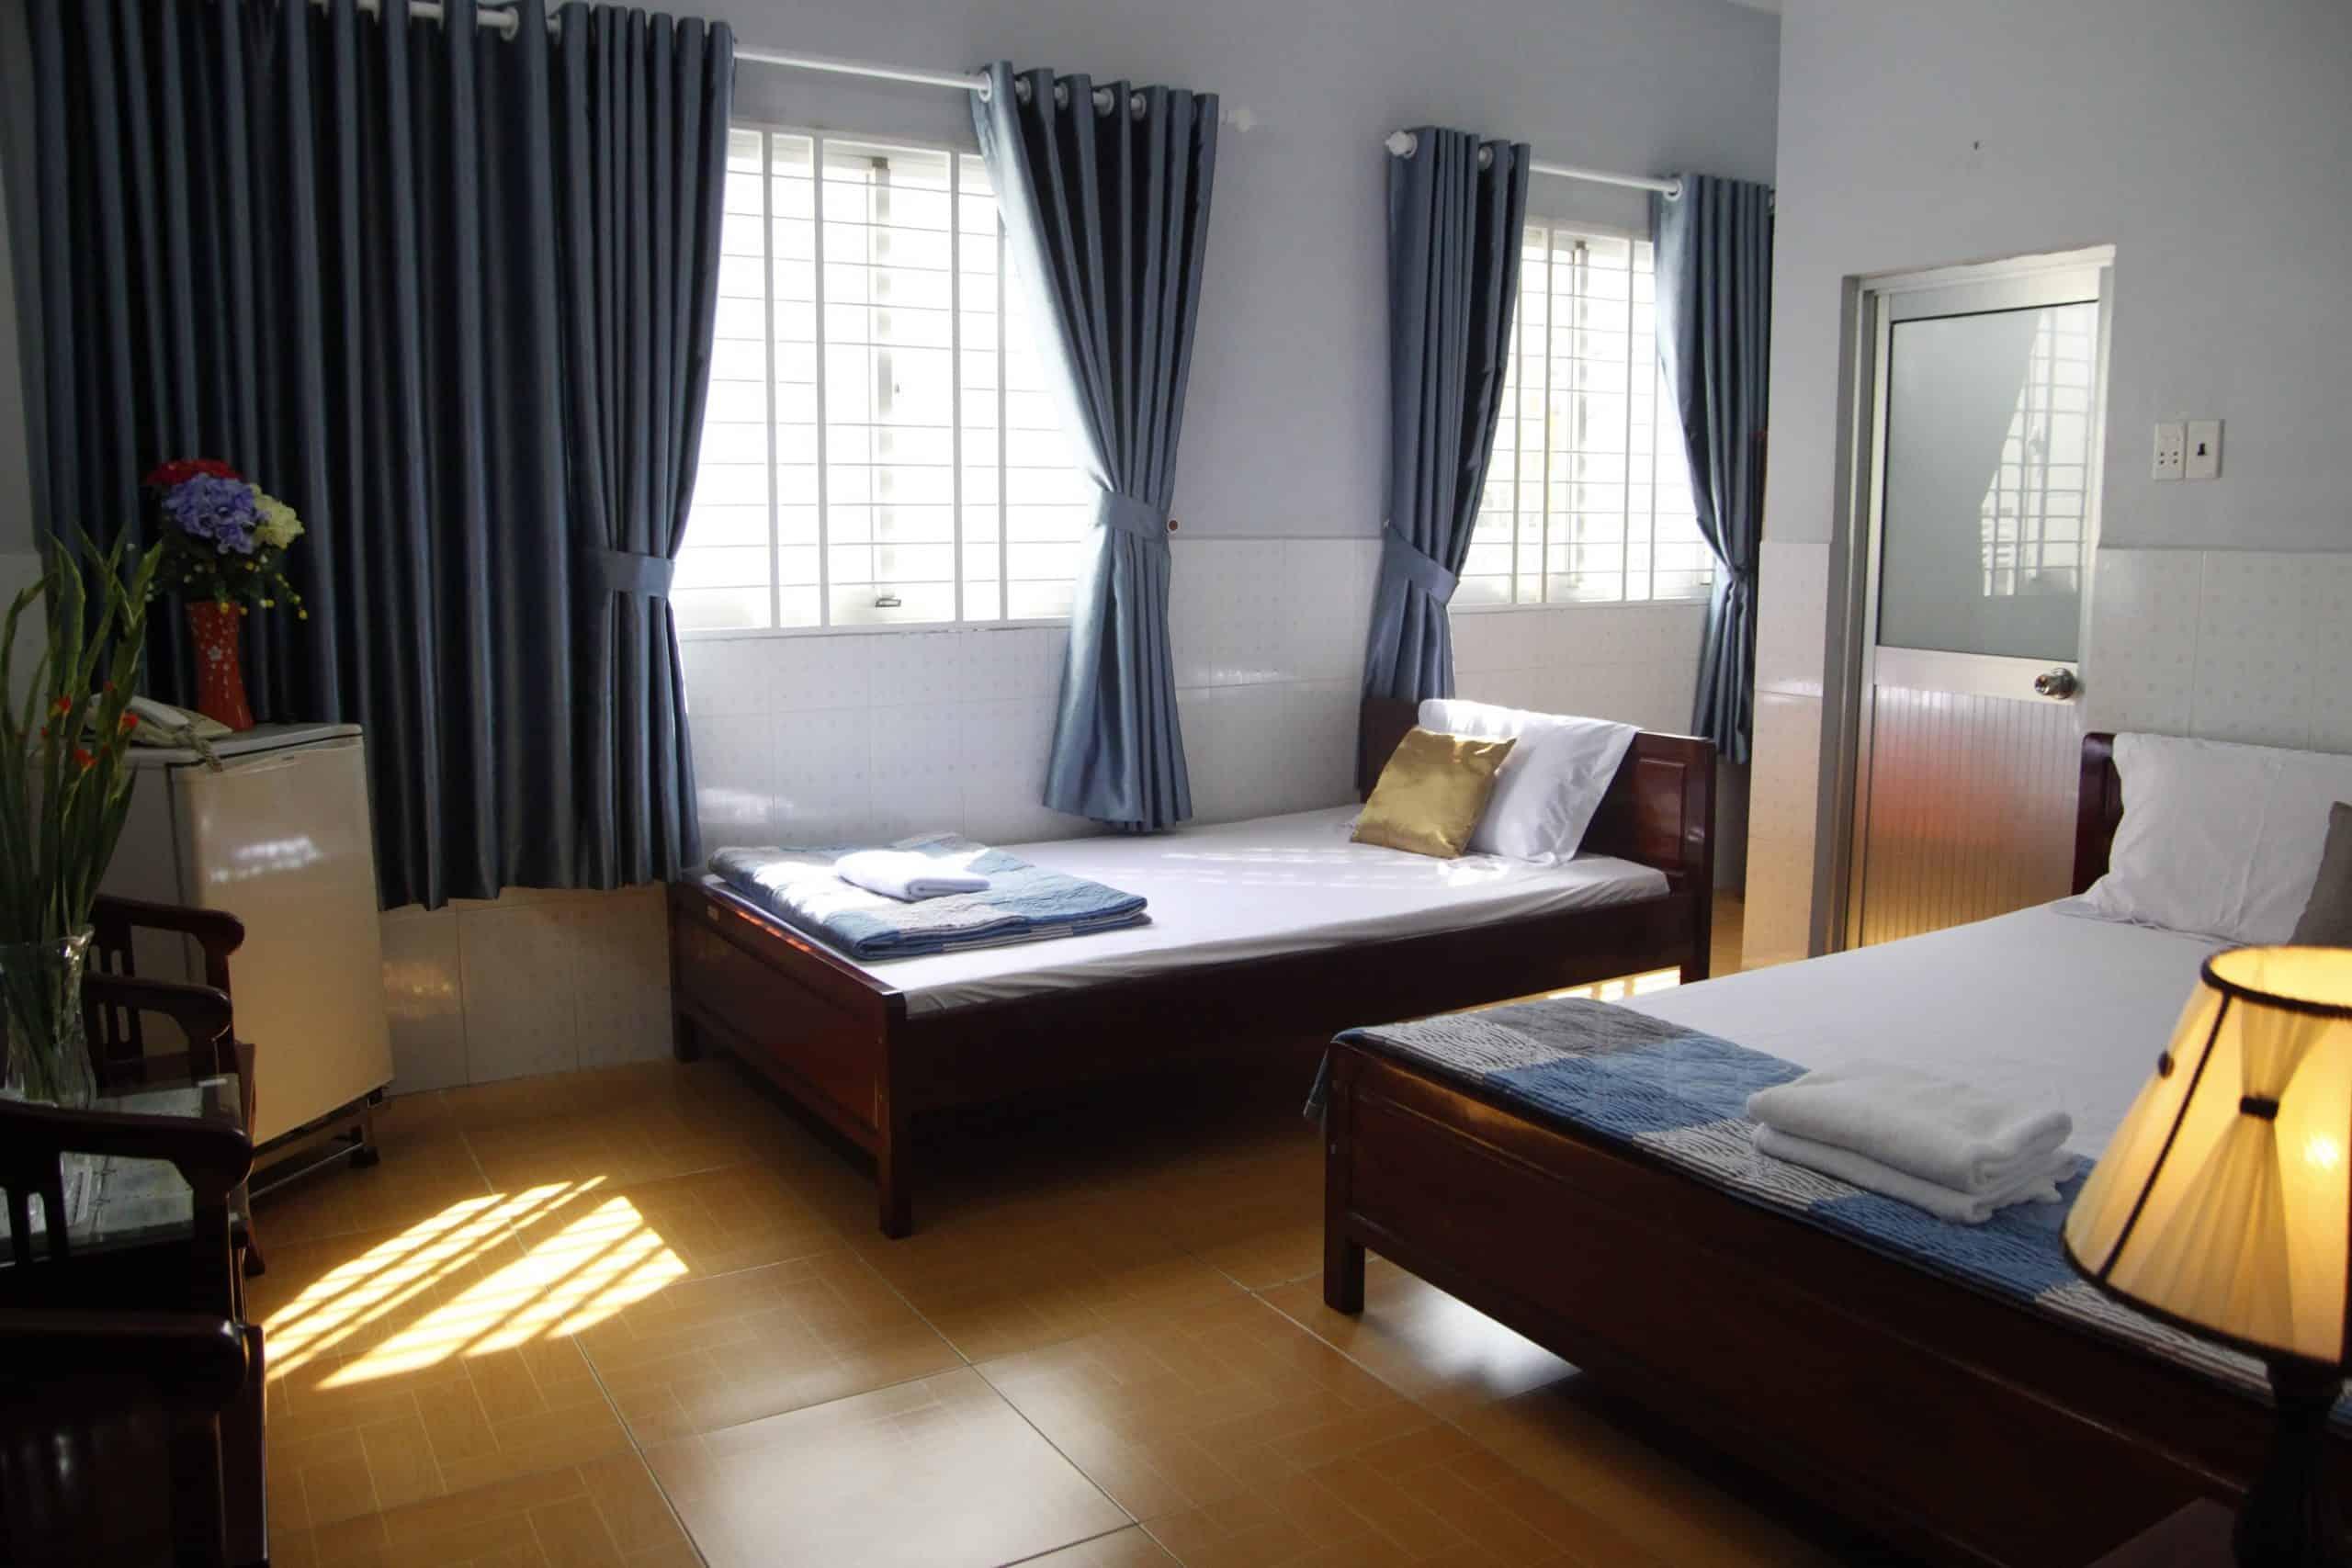 Phòng 2 giường đôi với 2 cửa sổ ngập tràn nắng